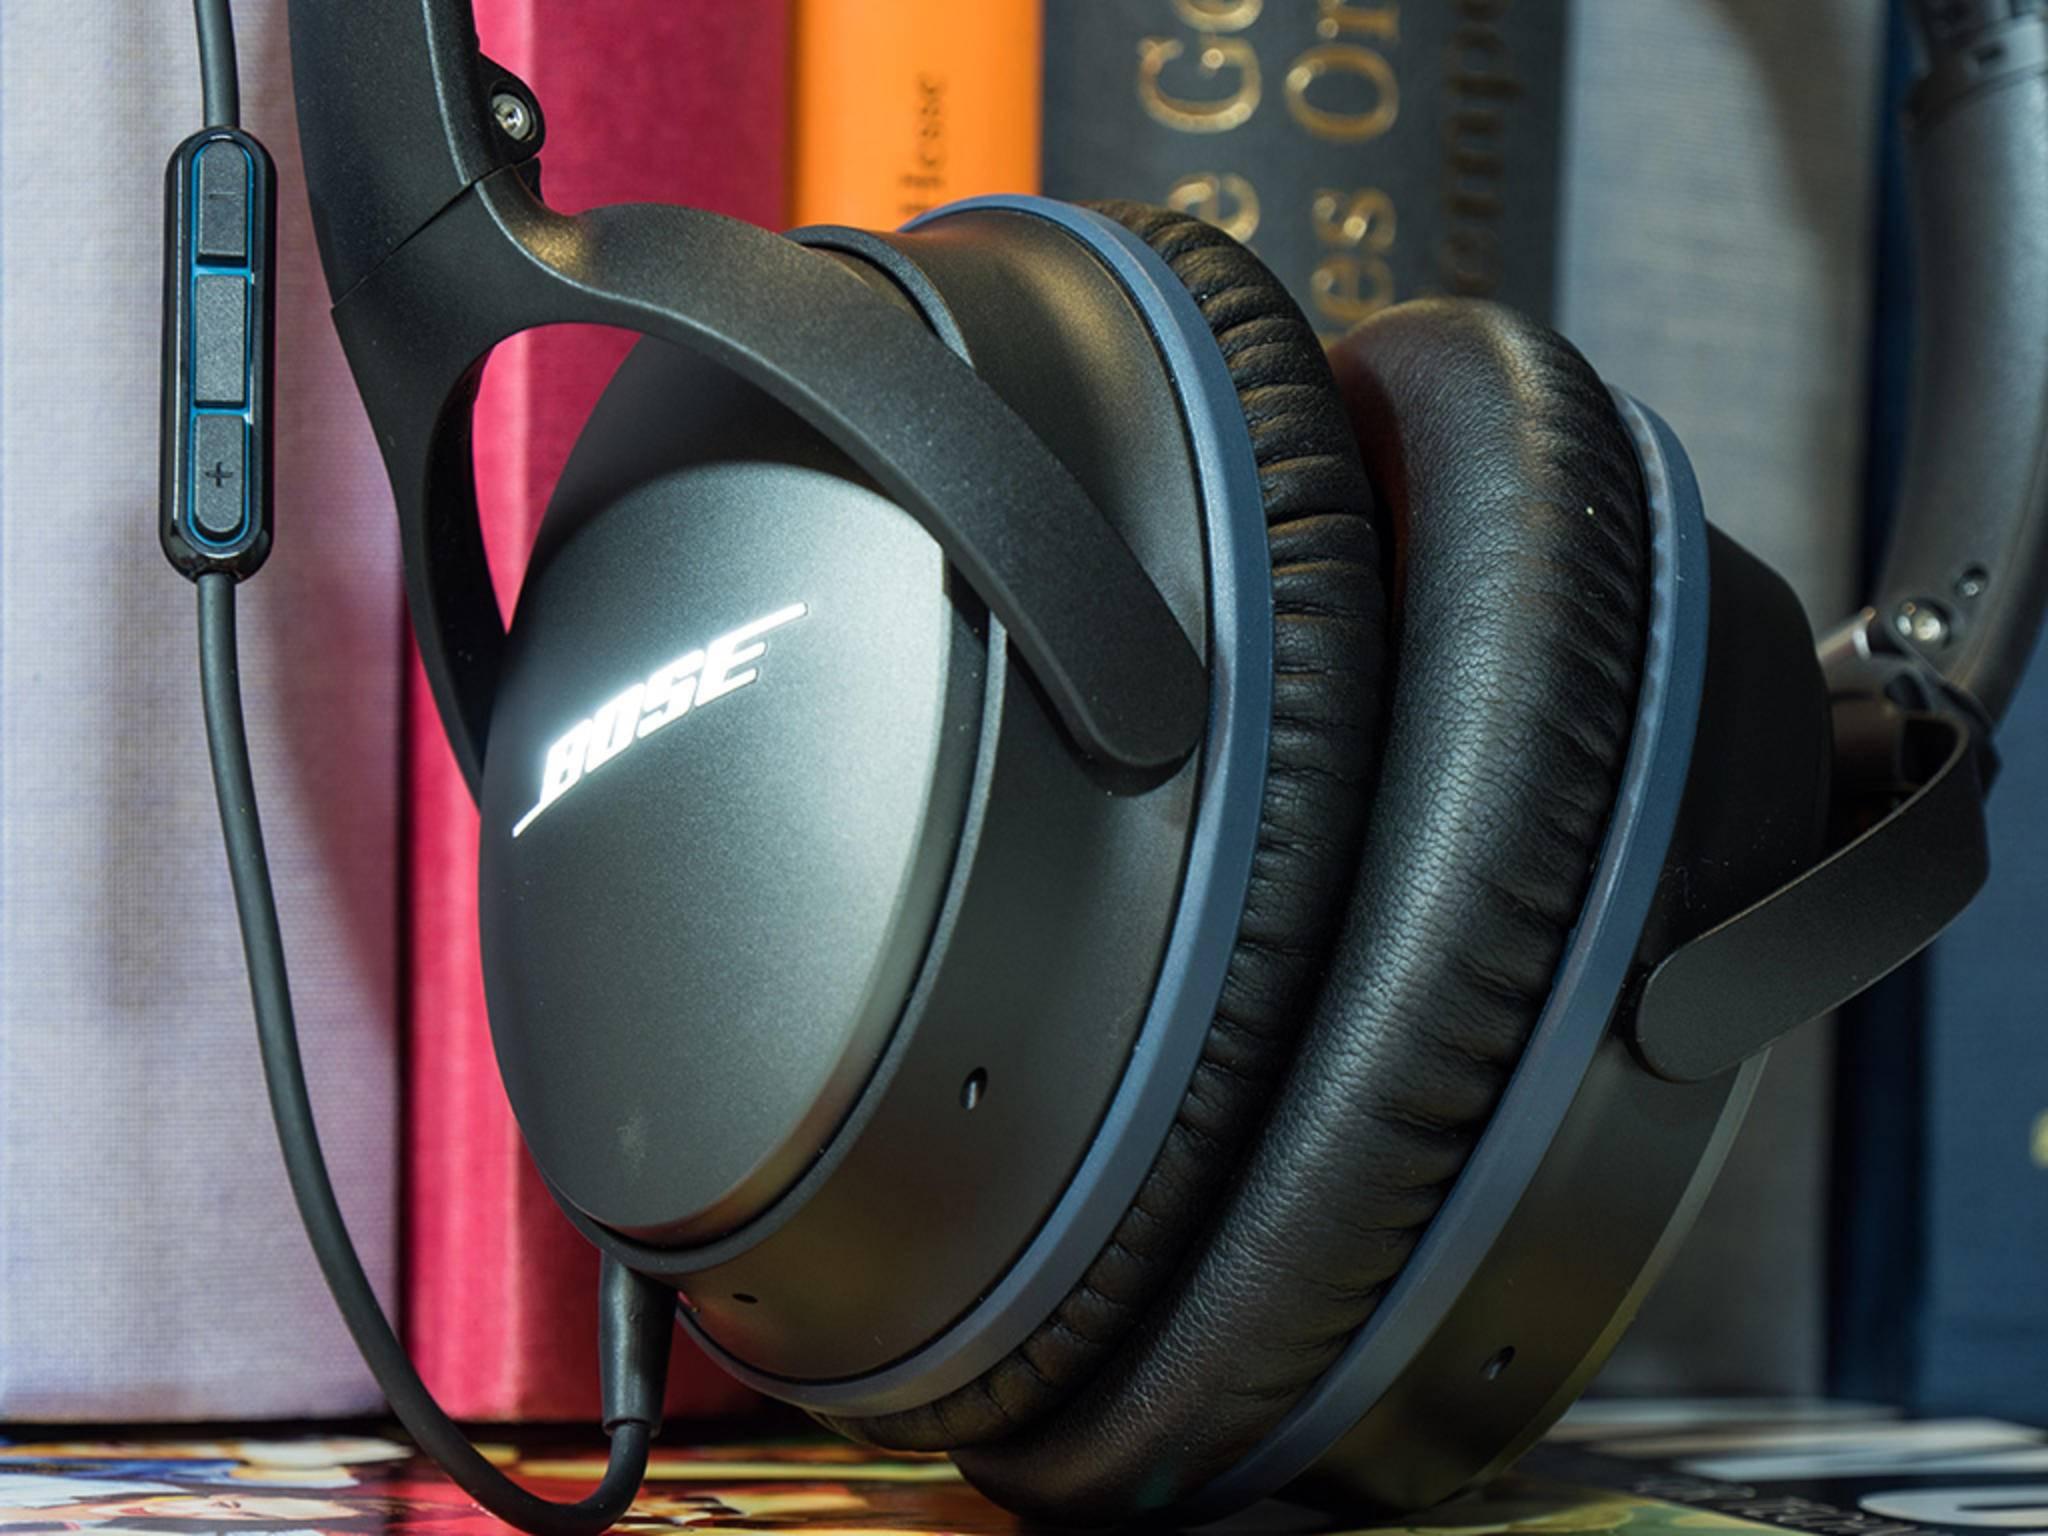 Das Audio-Kabel besitzt an jedem Ende einen Stecker.